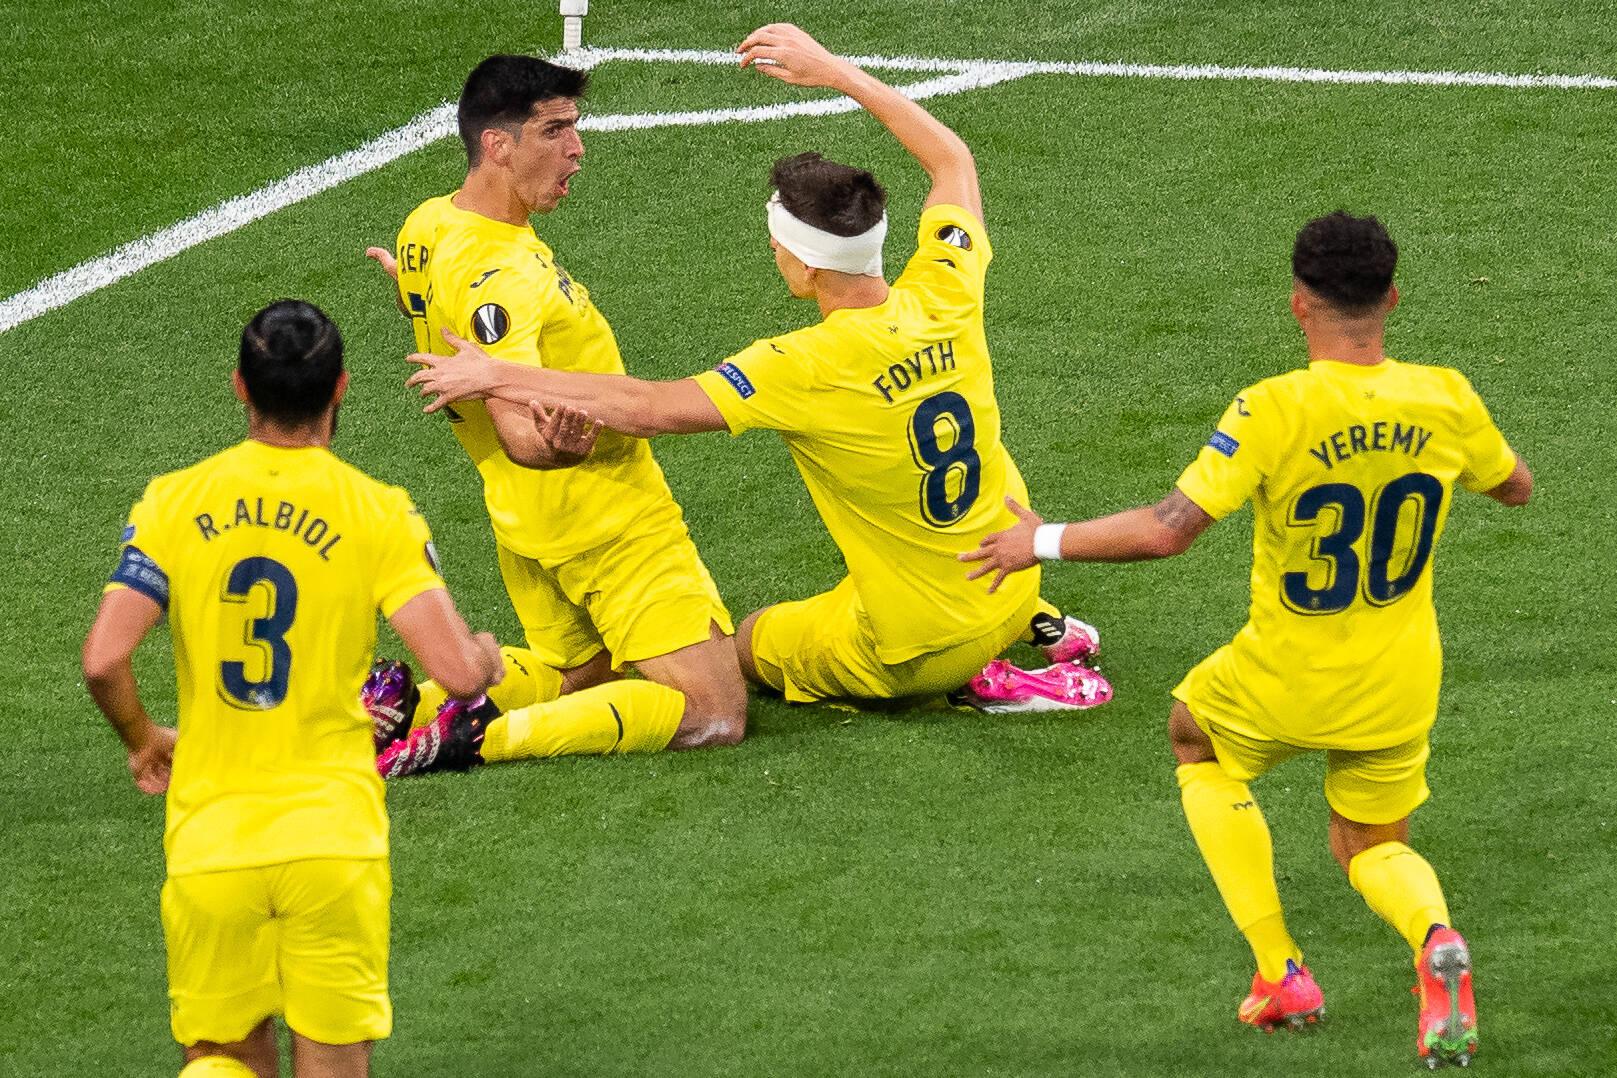 La Liga Vorschau Teil 1: Real Sociedad, Villarreal, Osasuna, Deportivo Alaves